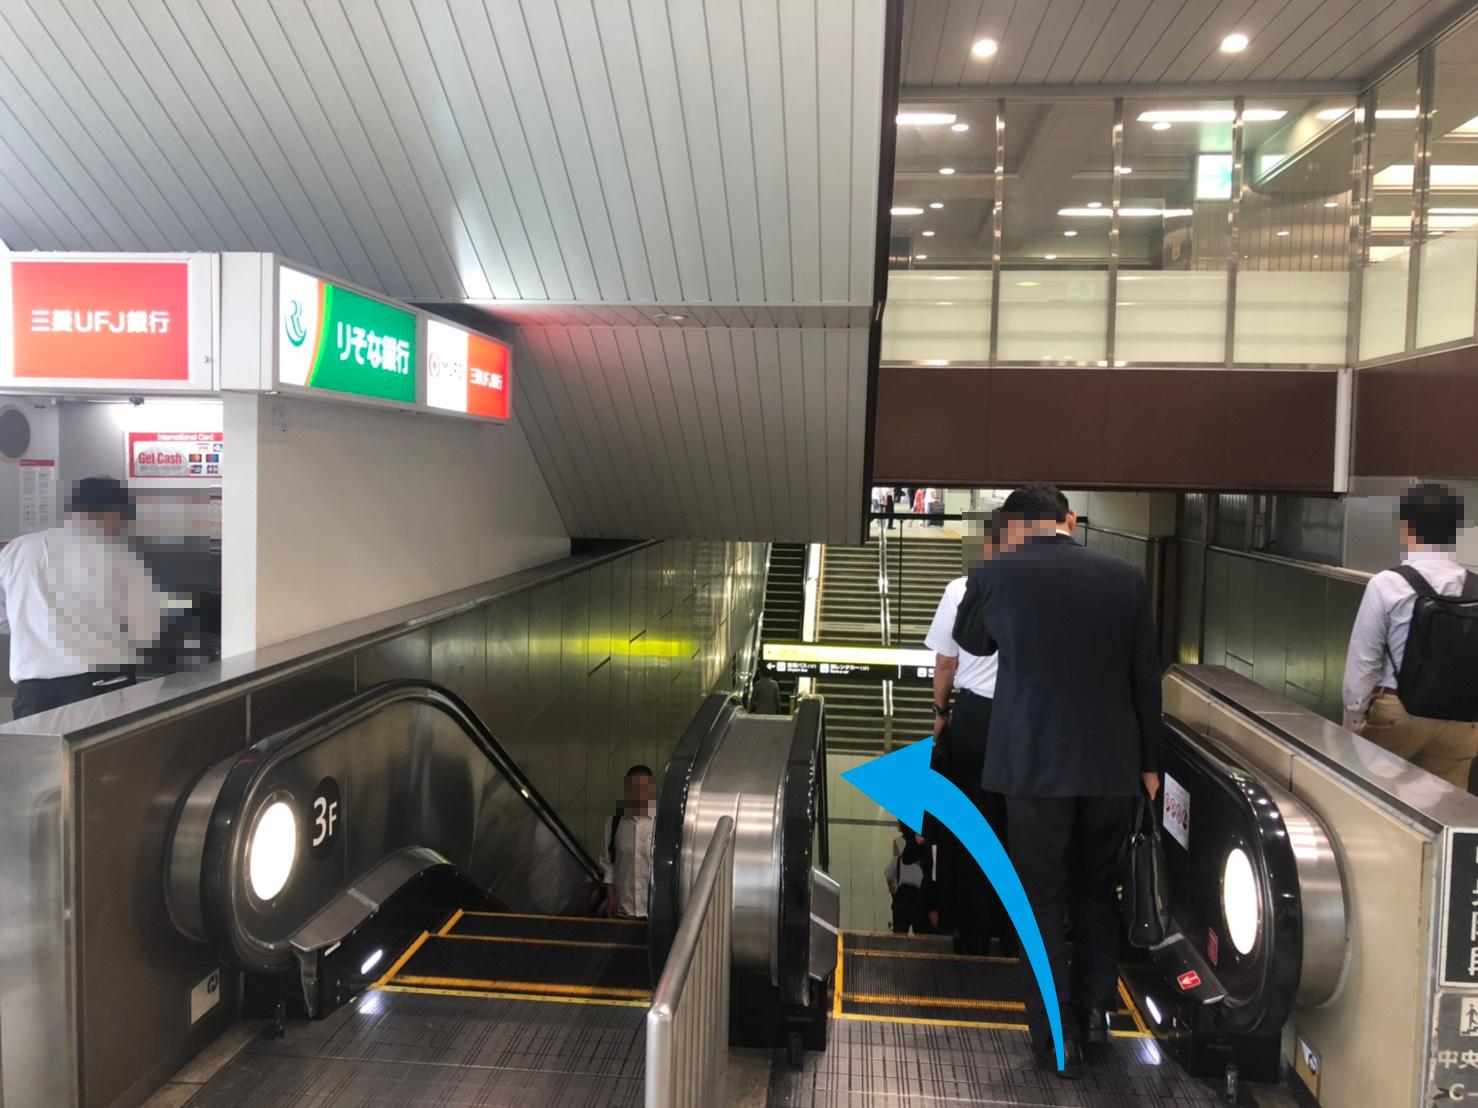 UFJ銀行ATM階段